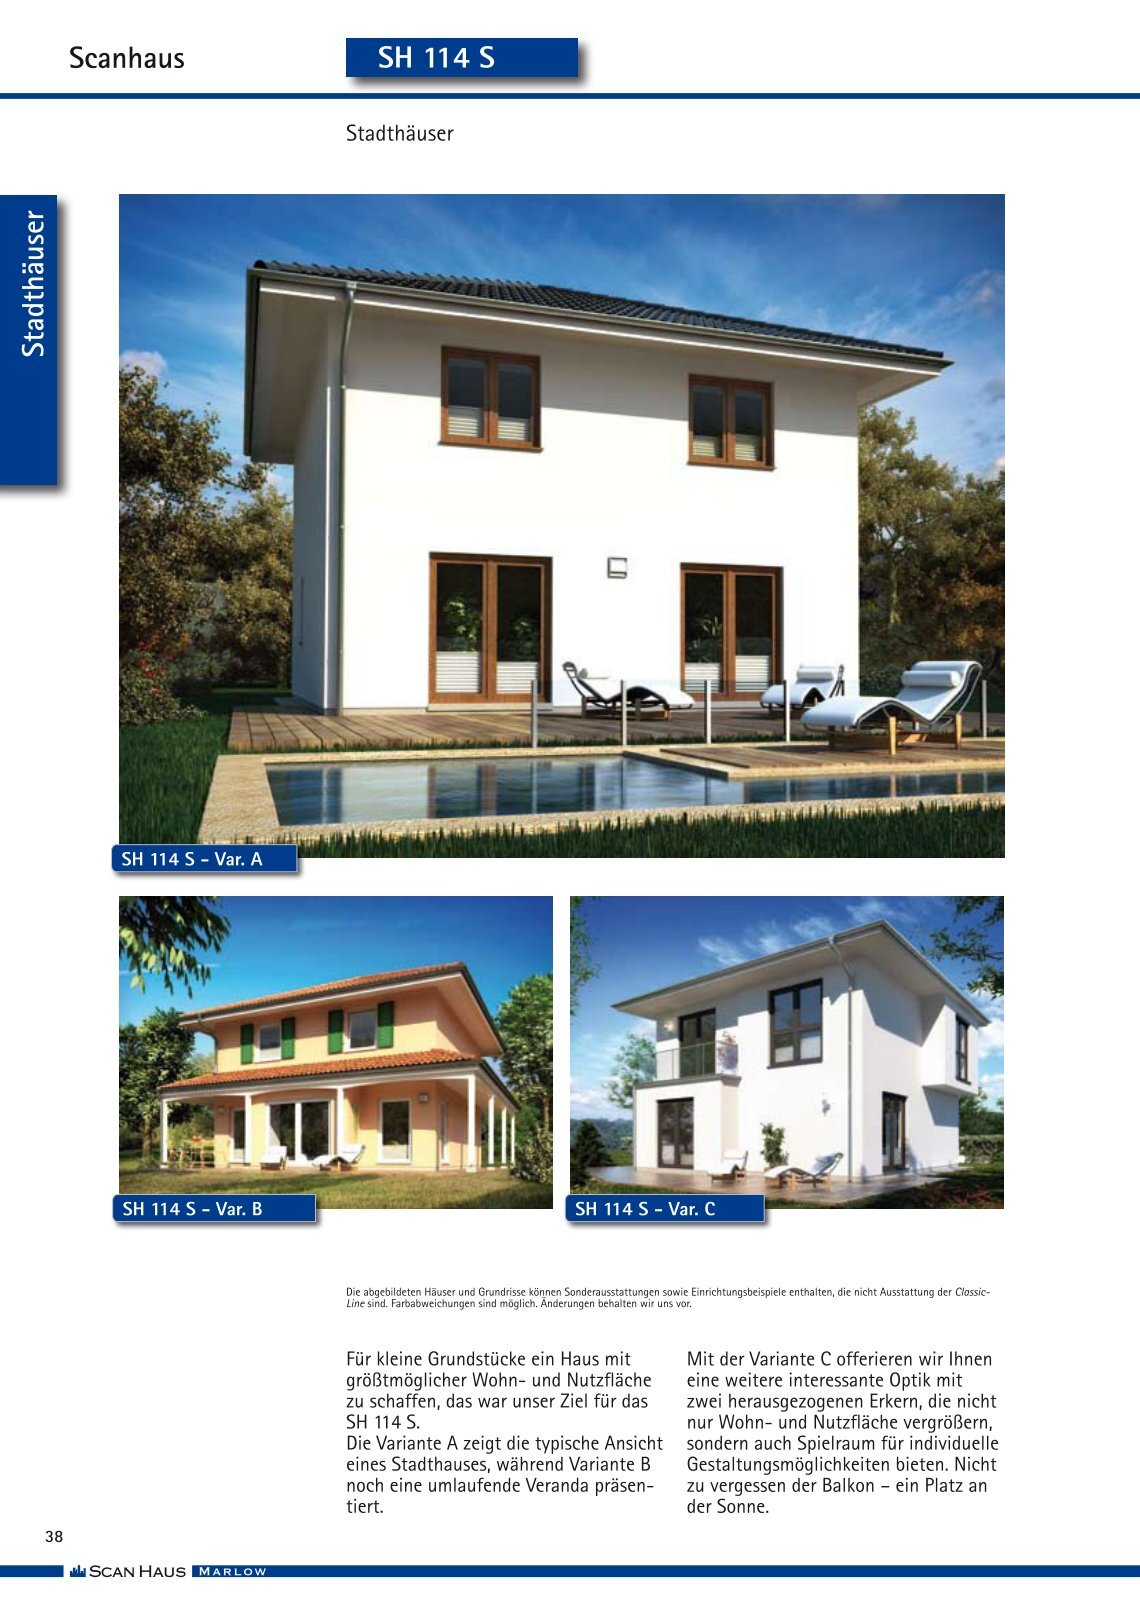 Scanhaus De 20 free magazines from scanhaus de